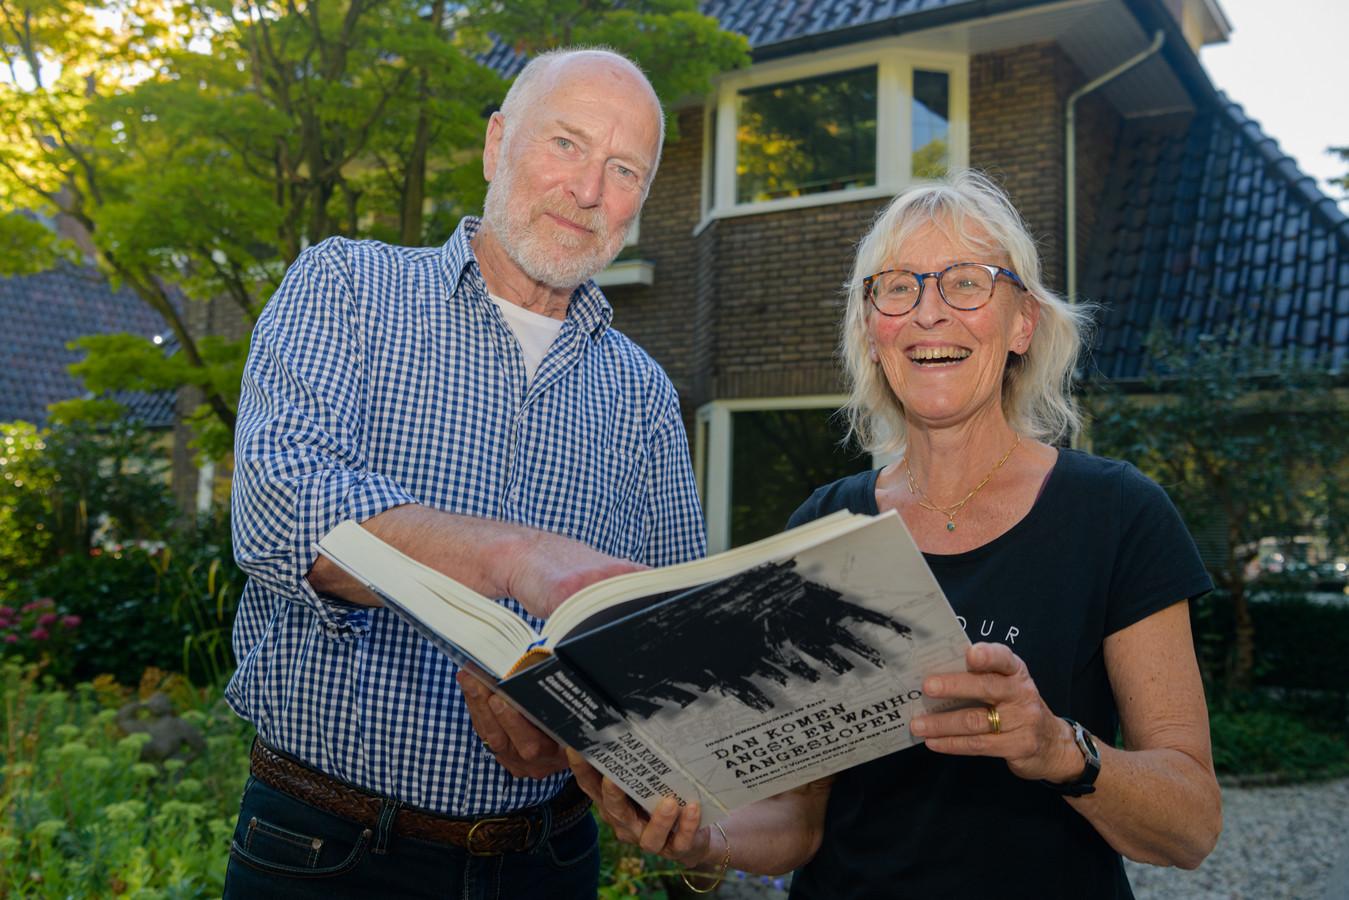 Gerrit van der Vorst (73) en Heleen bij 't Vuur (70) met het boek. Ze hadden niet verwacht dat er in de Tweede Wereldoorlog in Zeist zoveel Joden ondergedoken hebben gezeten.